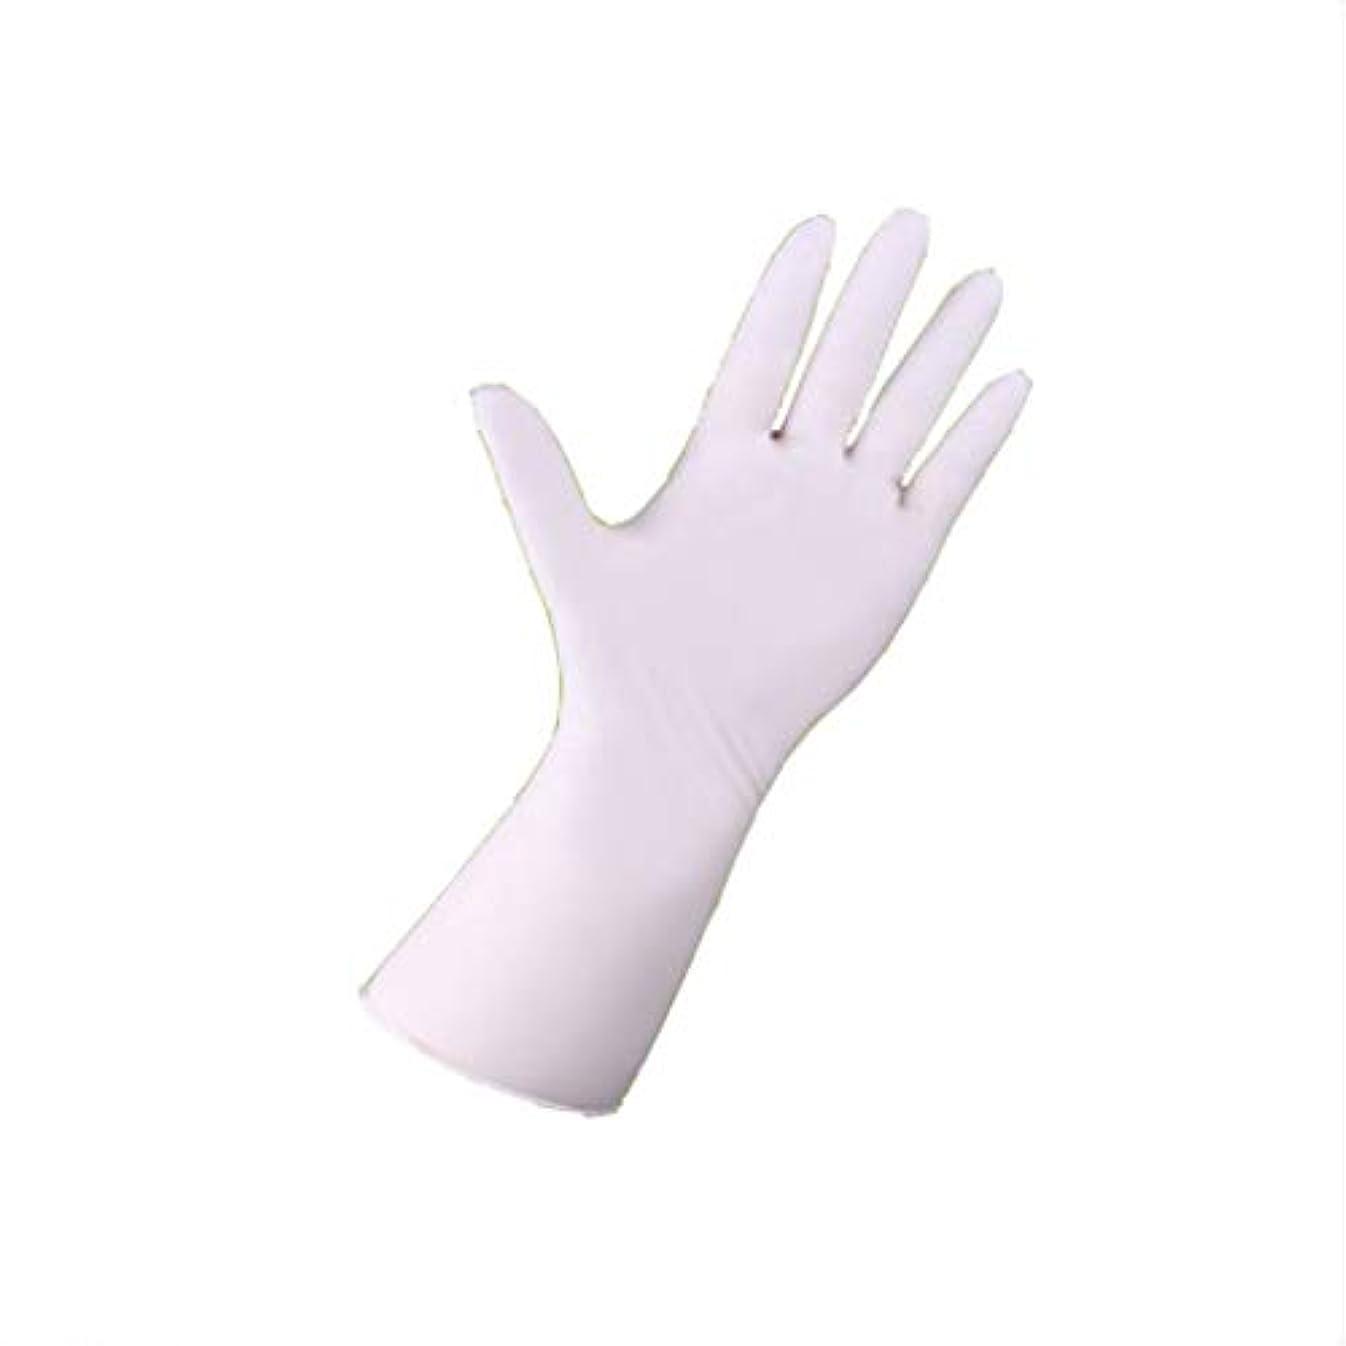 摂動応用フレア手袋、使い捨て手袋、長いゴムラボ、帯電防止ペディキュア、マッサージ、ハンドマッサージ100 (サイズ さいず : S s)